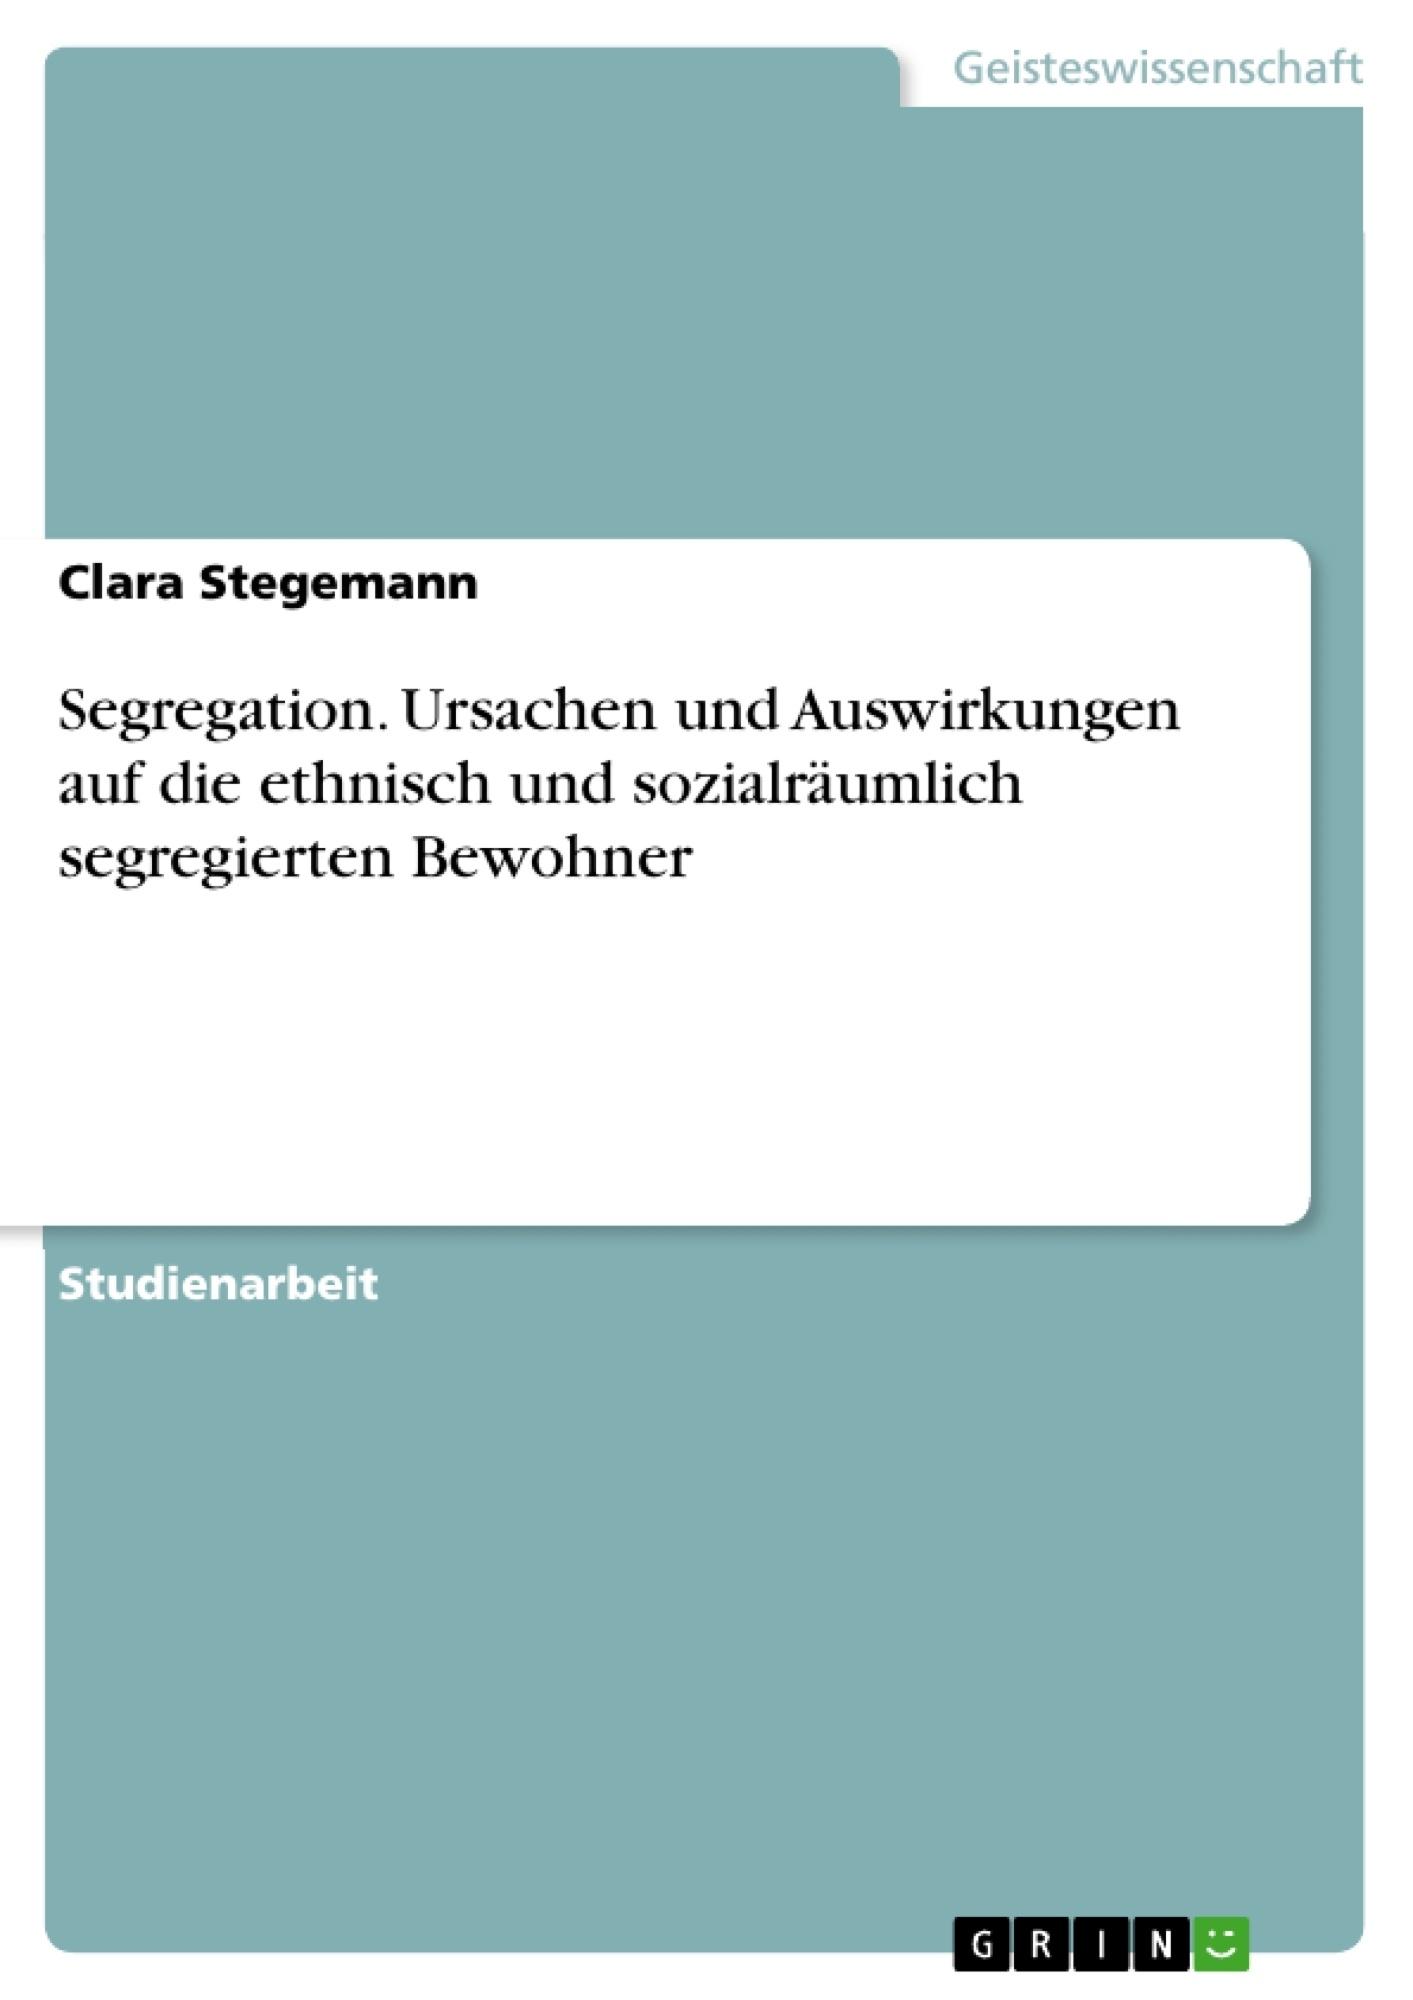 Titel: Segregation. Ursachen und Auswirkungen auf die ethnisch und sozialräumlich segregierten Bewohner